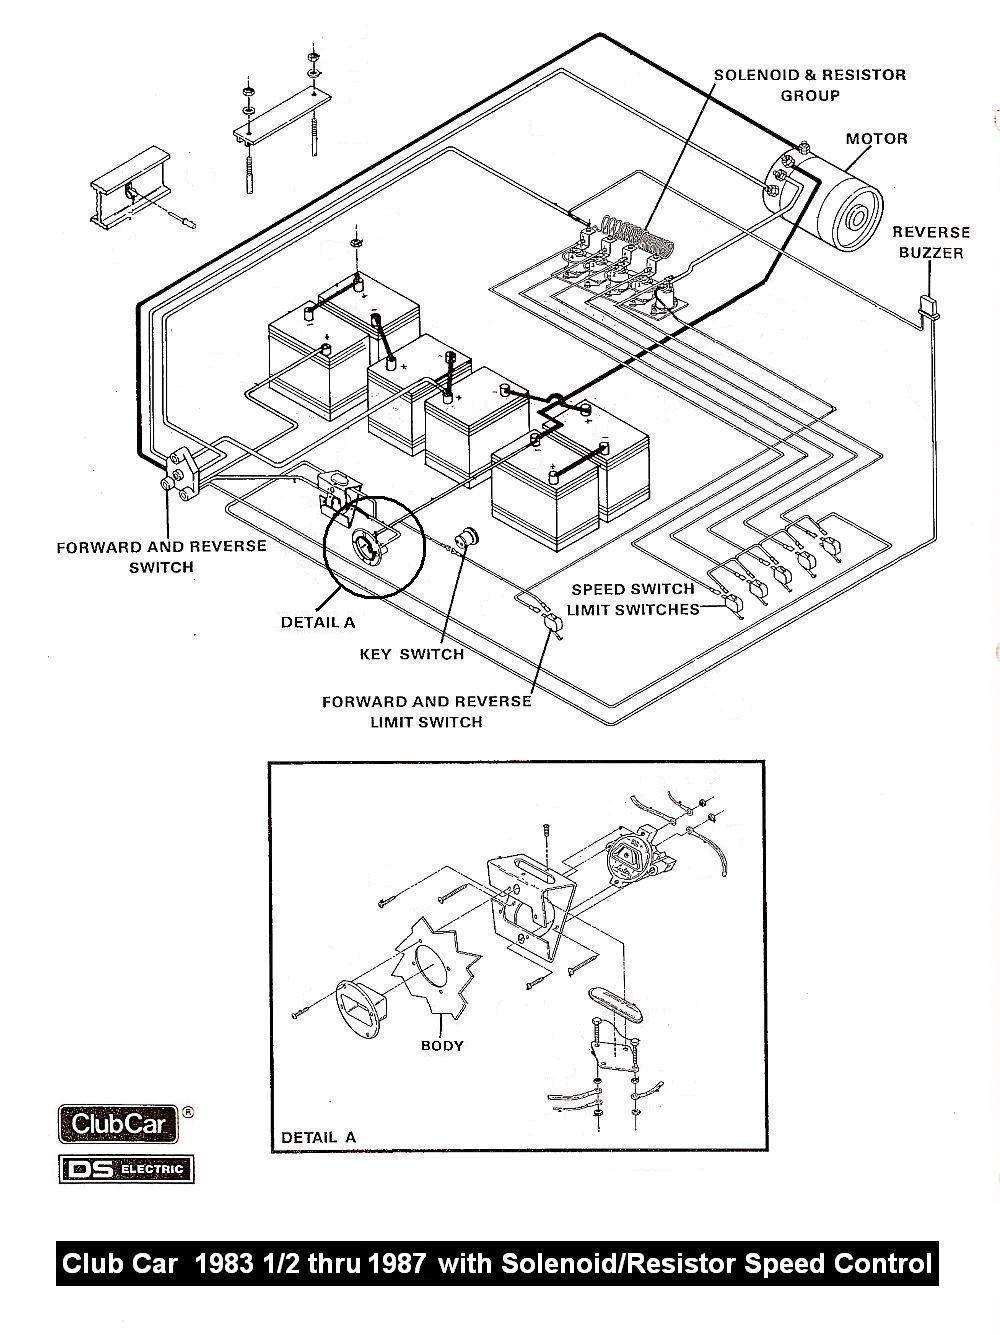 1986 Club Car Wiring Diagram In 2020 Club Car Golf Cart Golf Carts Ezgo Golf Cart